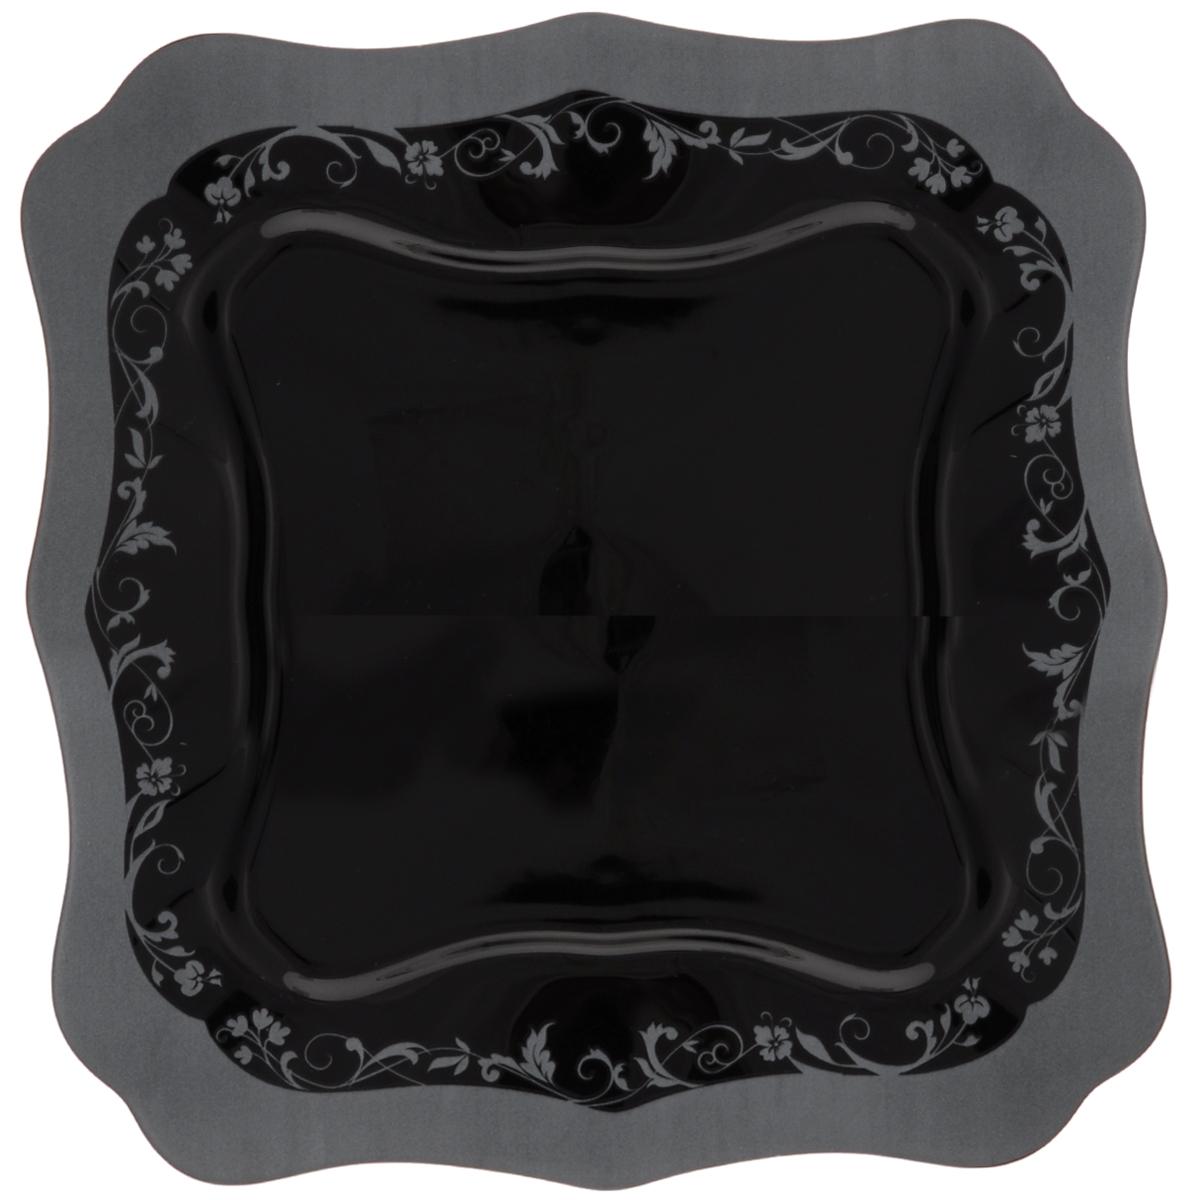 Тарелка обеденная Luminarc Authentic Silver Black, 26 х 26 см10257BОбеденная тарелка Luminarc Authentic Silver Black, изготовленная из высококачественного стекла, имеет изысканный внешний вид. Яркий дизайн придется по вкусу и ценителям классики, и тем, кто предпочитает утонченность. Тарелка Luminarc Authentic Silver Black идеально подойдет для сервировки стола и станет отличным подарком к любому празднику.Размер тарелки (по верхнему краю): 26 х 26 см.